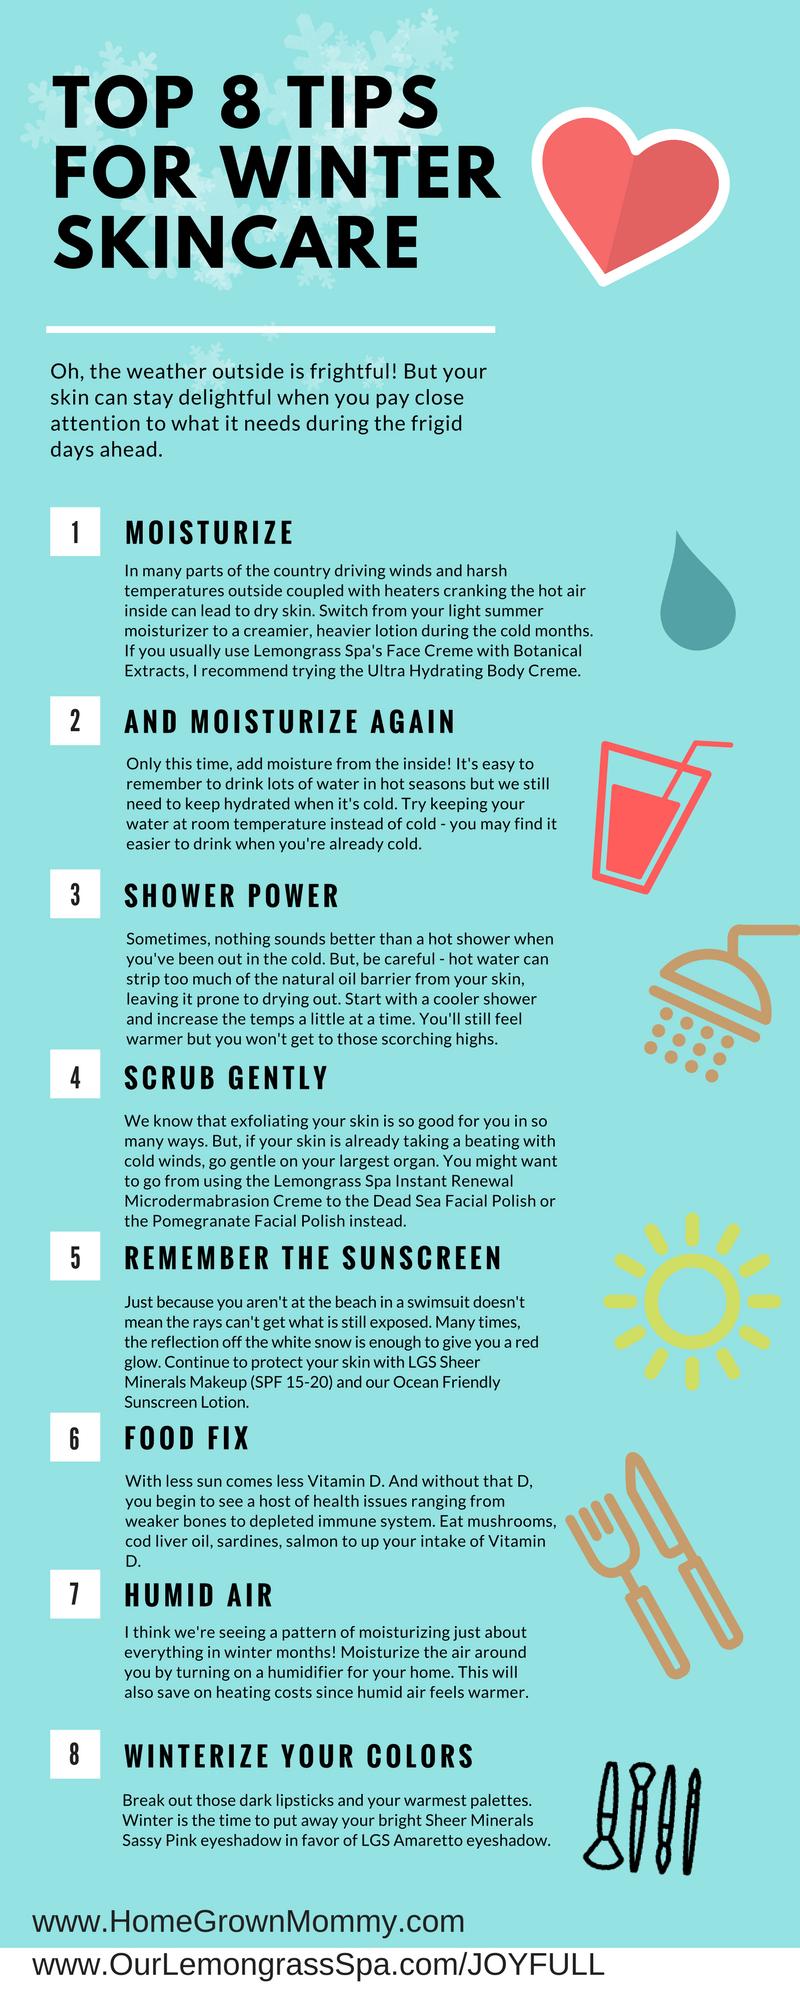 Top Tips for Winter Skincare  Winter skin care, Lemongrass spa